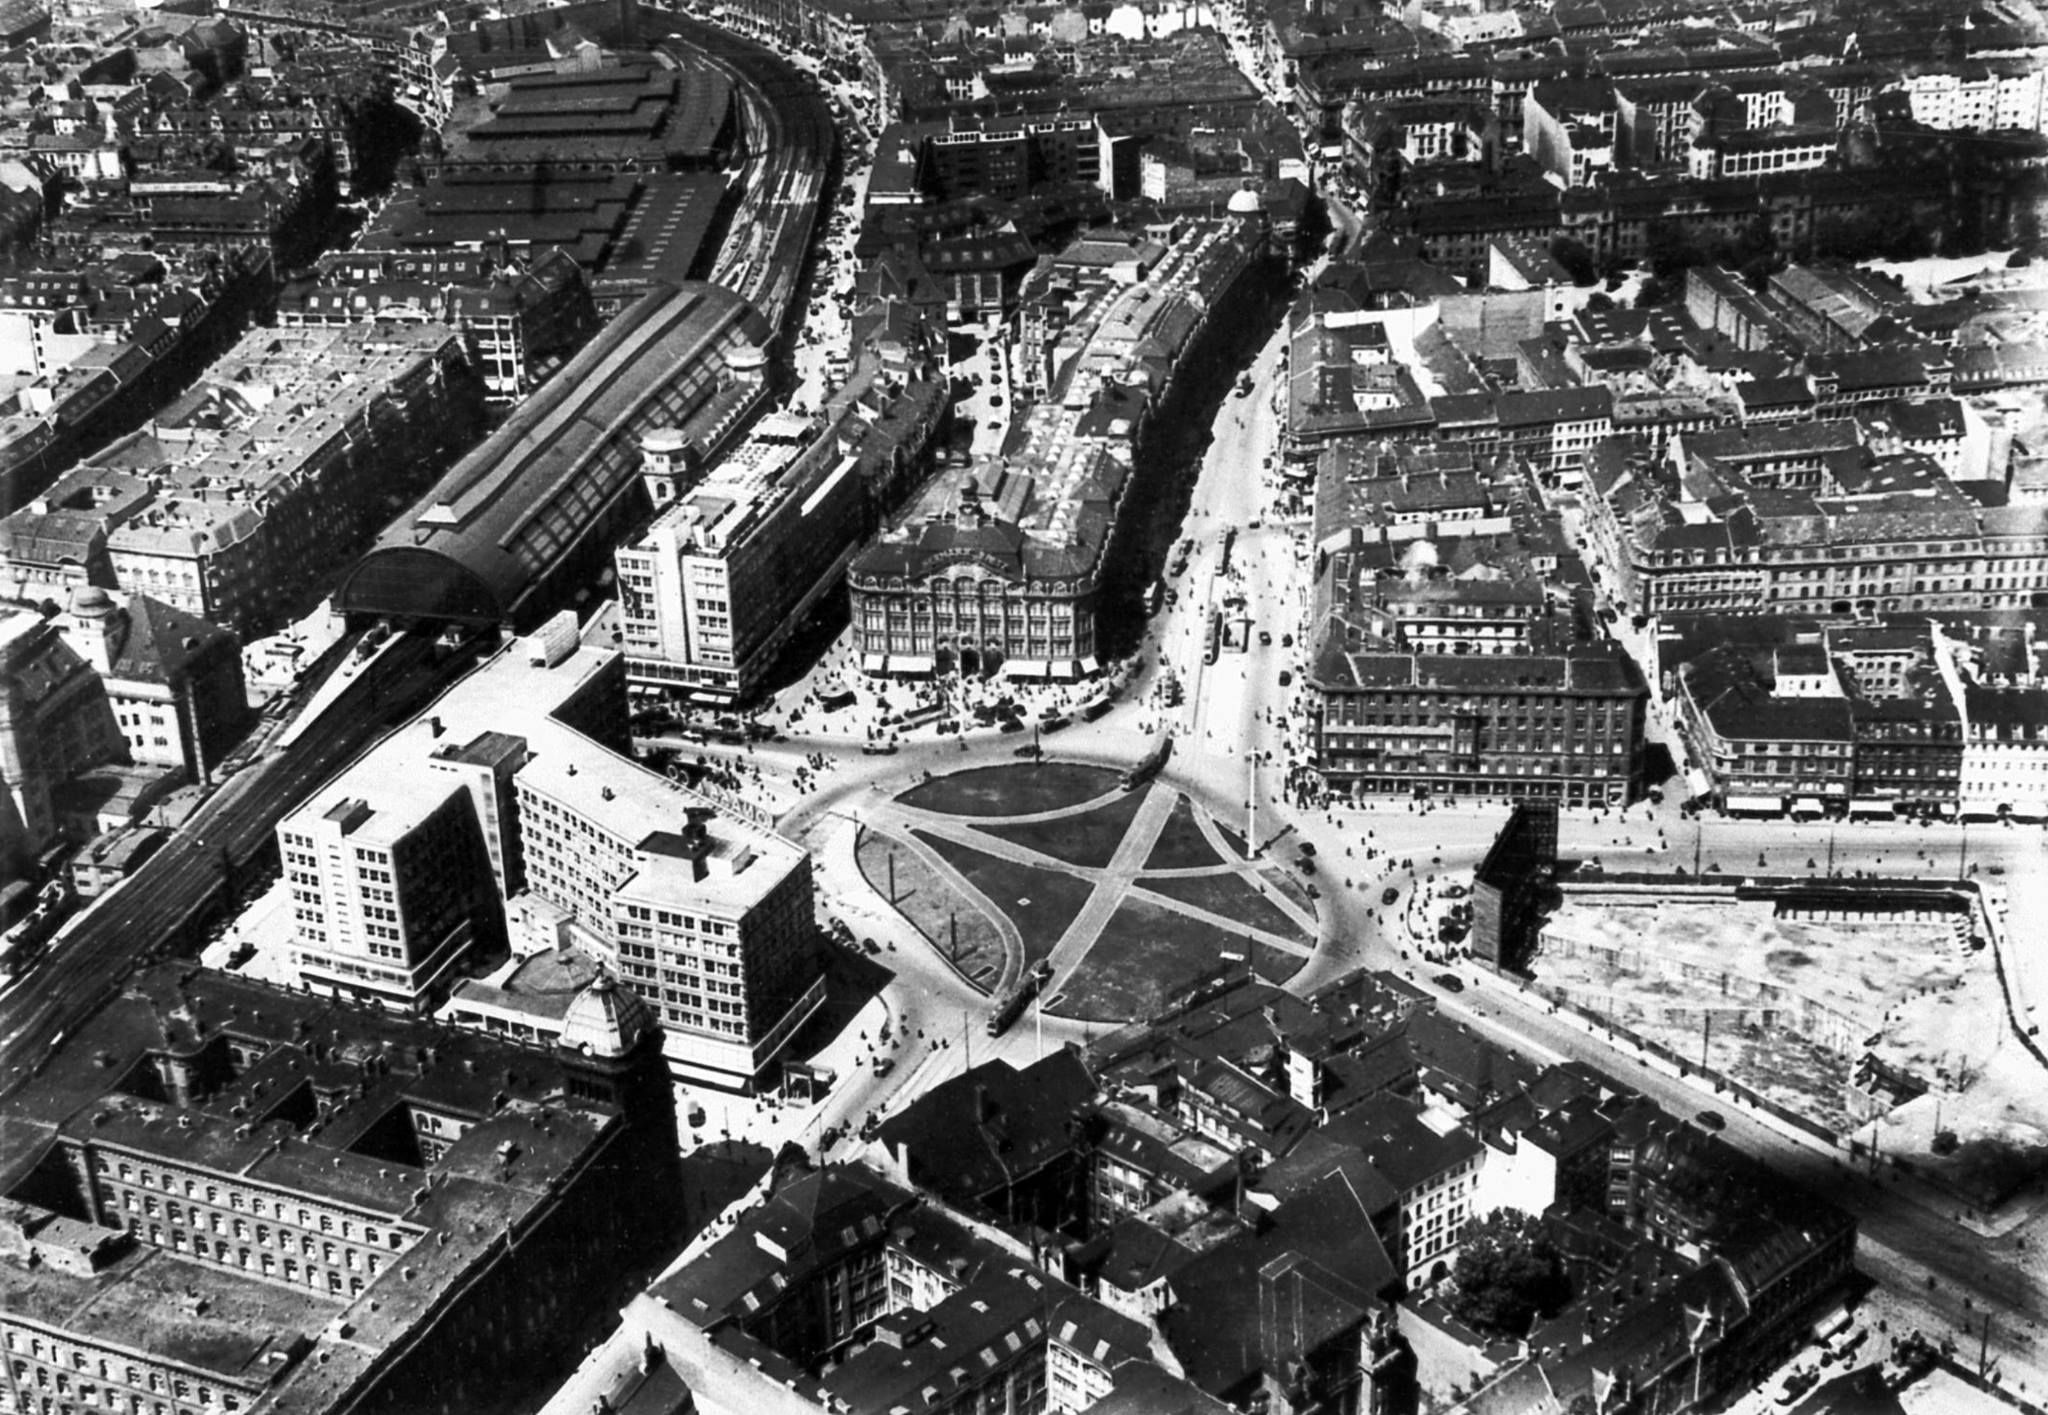 1935 Luftaufnahme Berlin Alexanderplatz Nach Der Umgestaltung Berlin Old Photos Historical Place